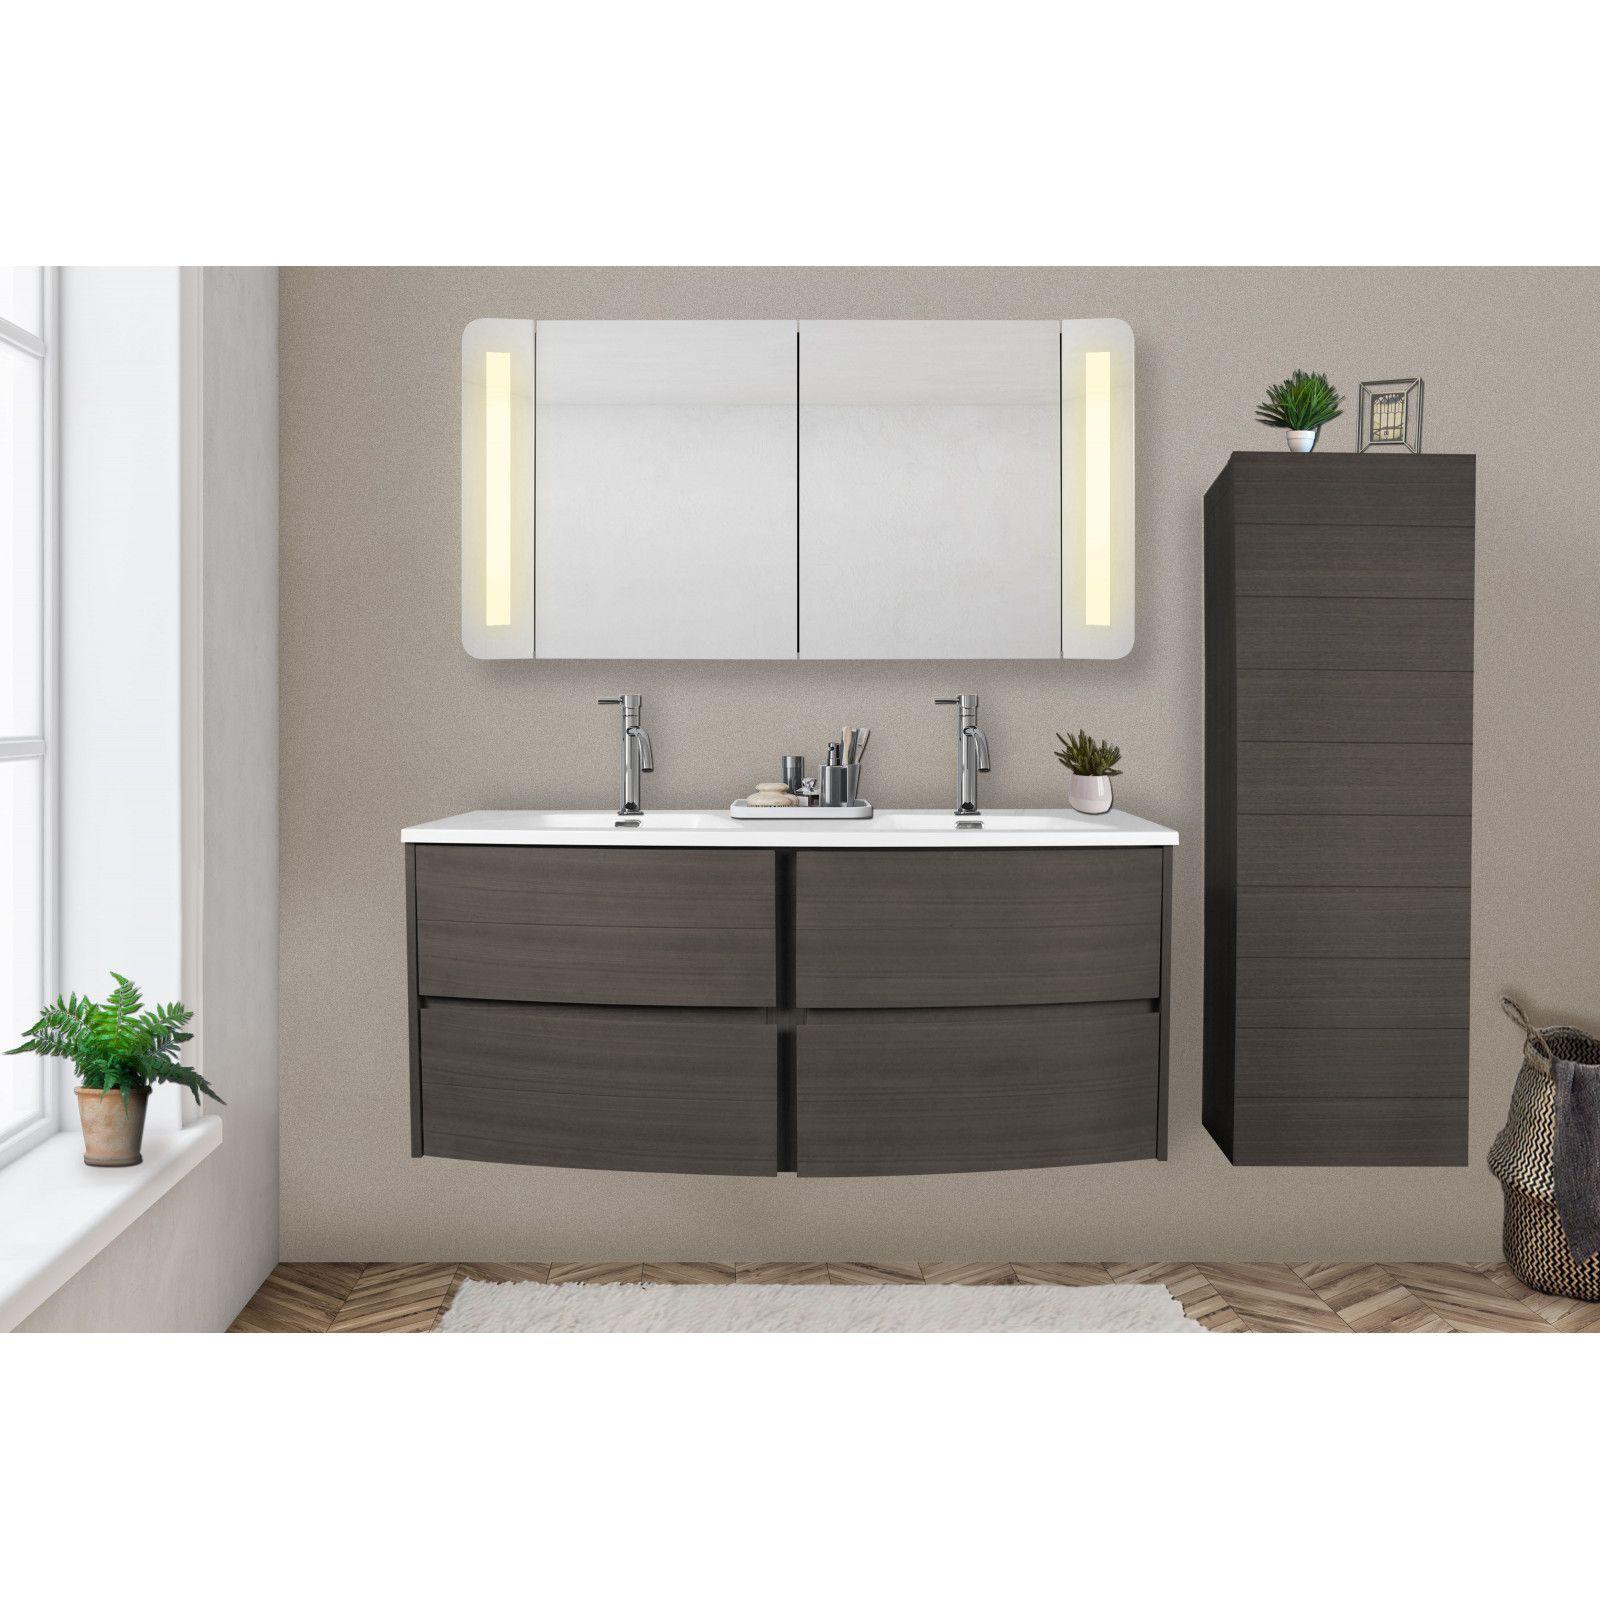 meuble salle de bain 120 cm taupe avec double vasque en resine blanche tiga